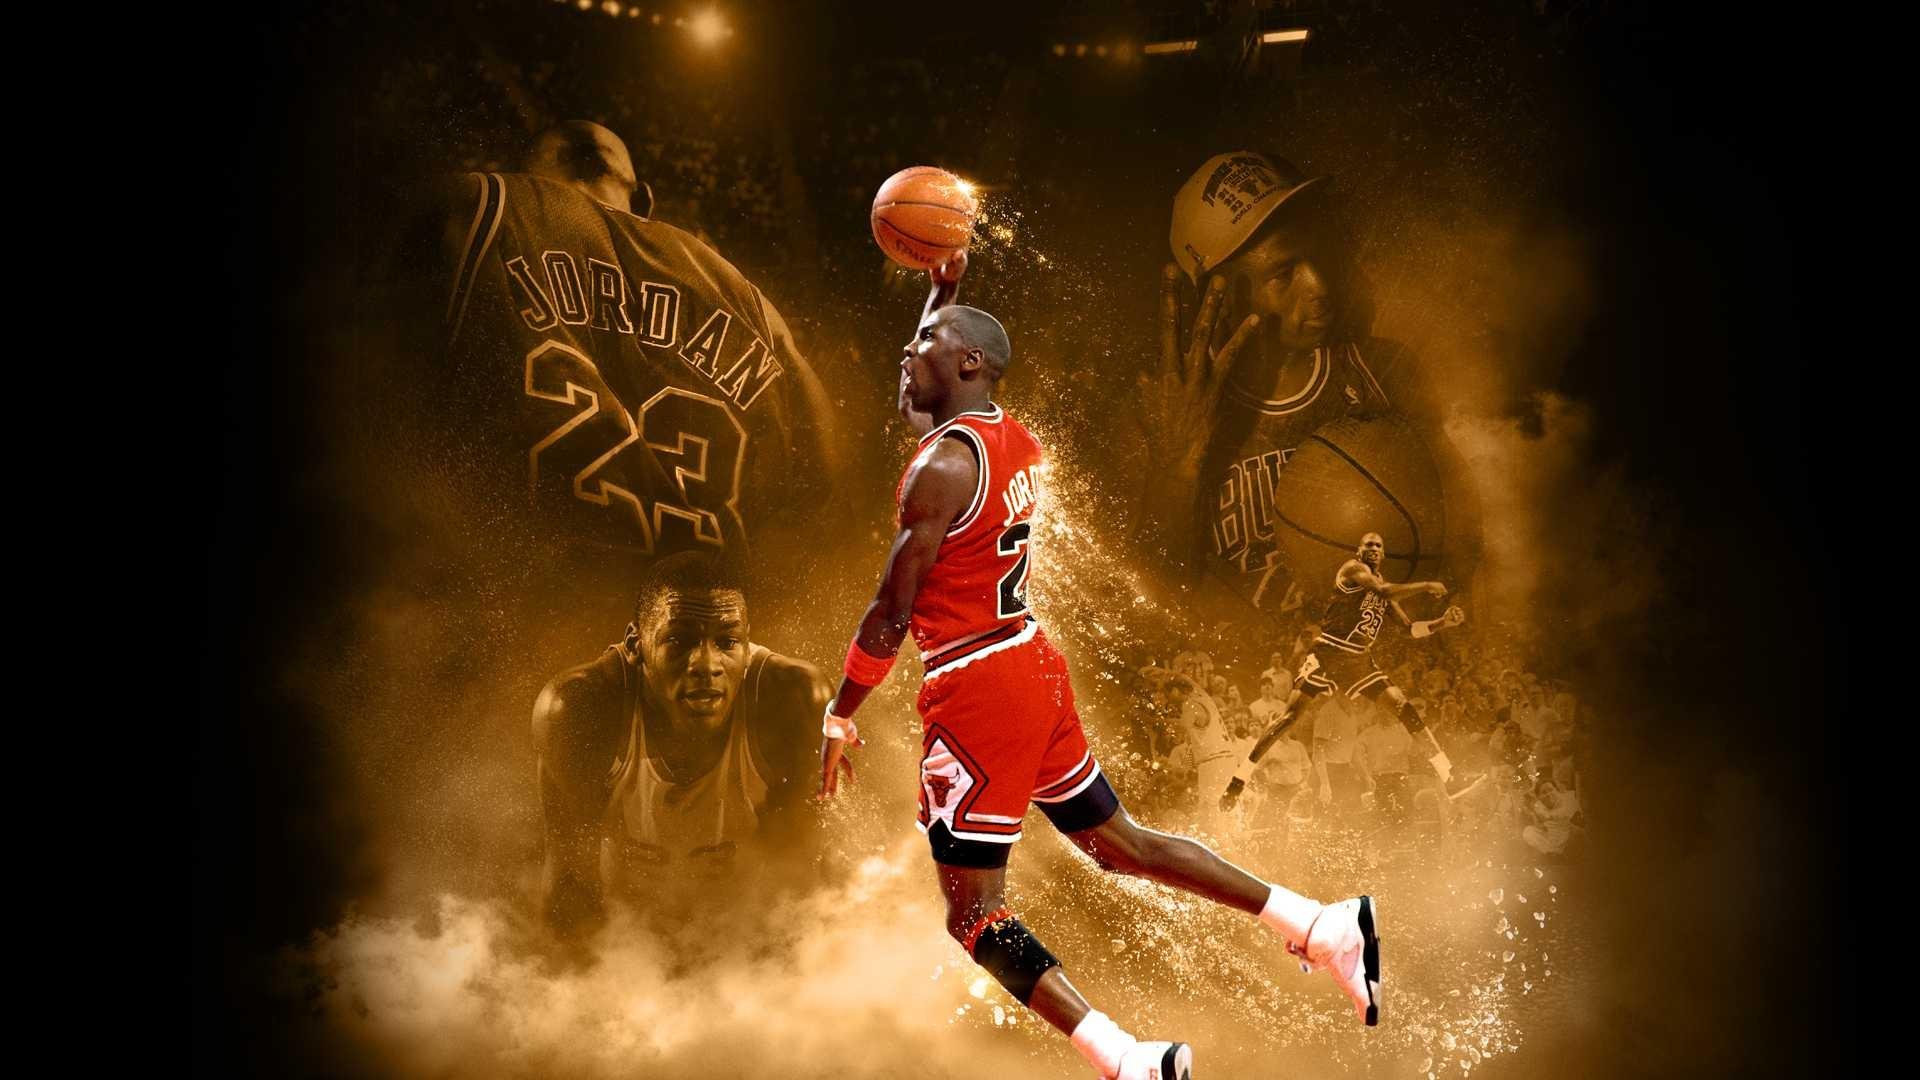 Michael Jordan 1080p wallpaper